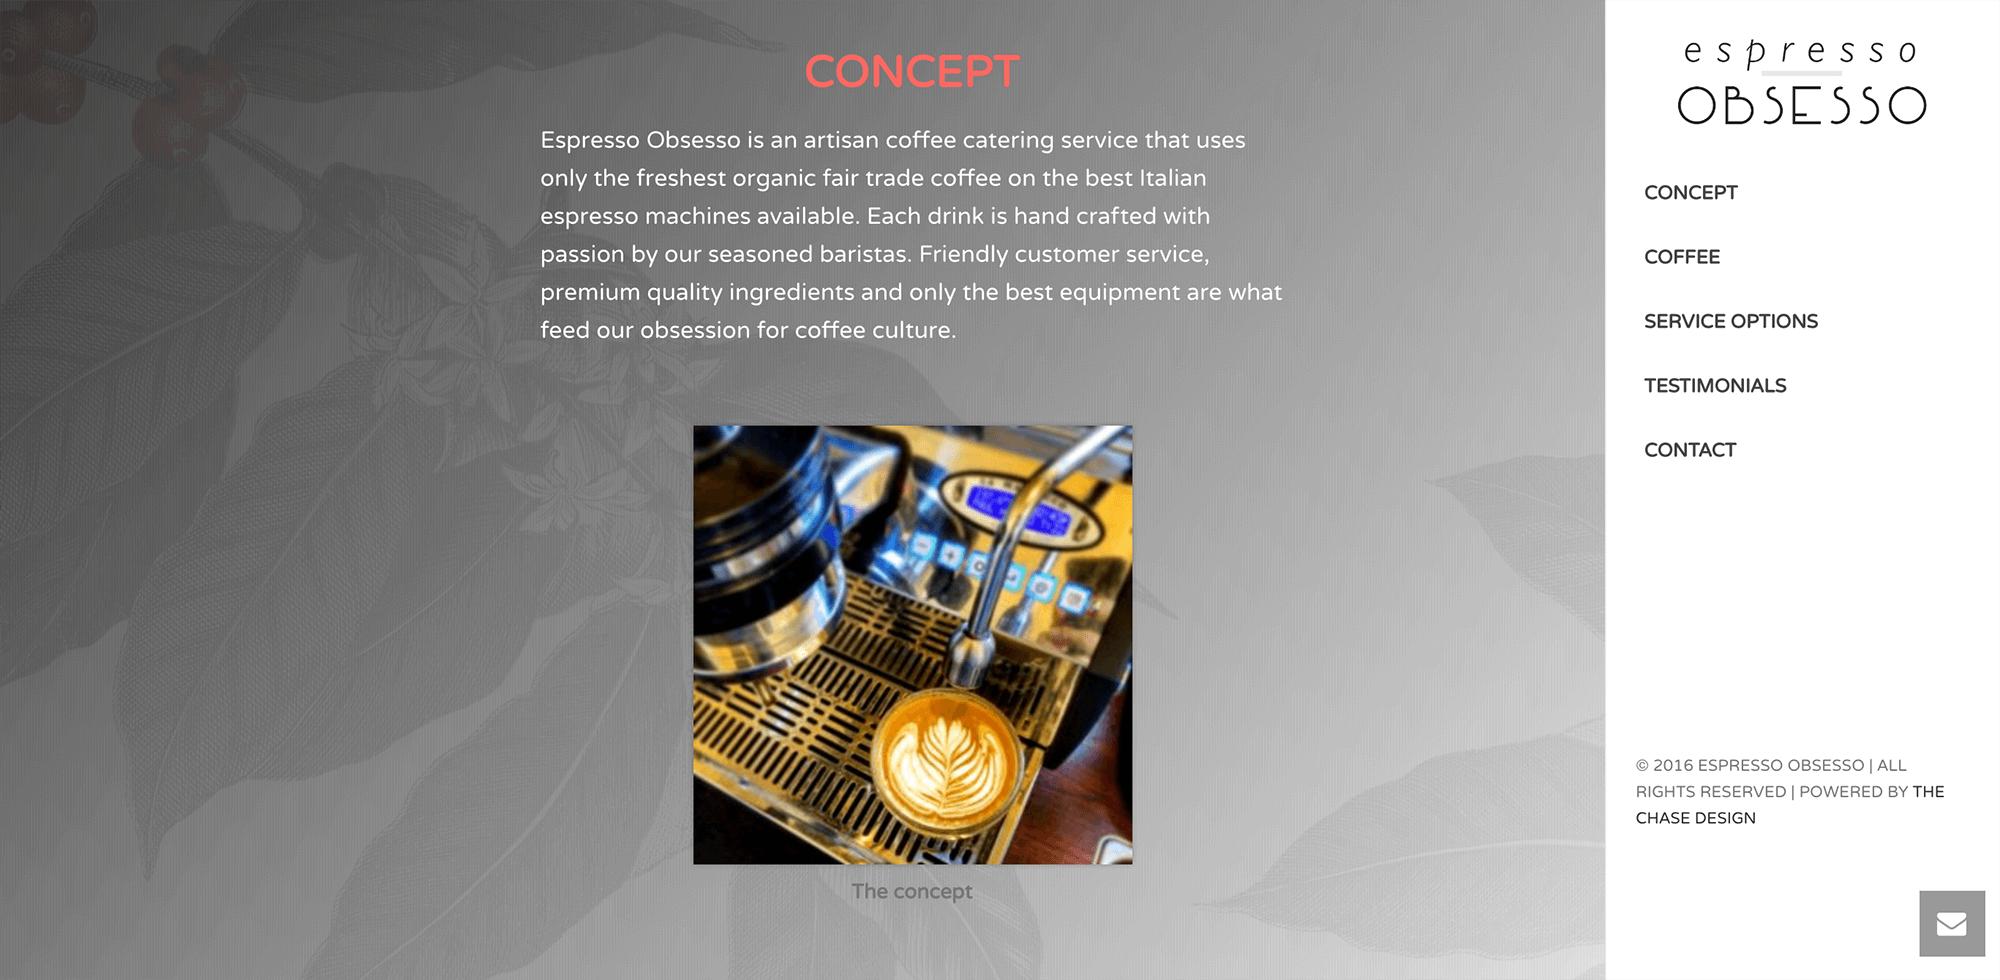 Espresso Obsesso - The Chase Design